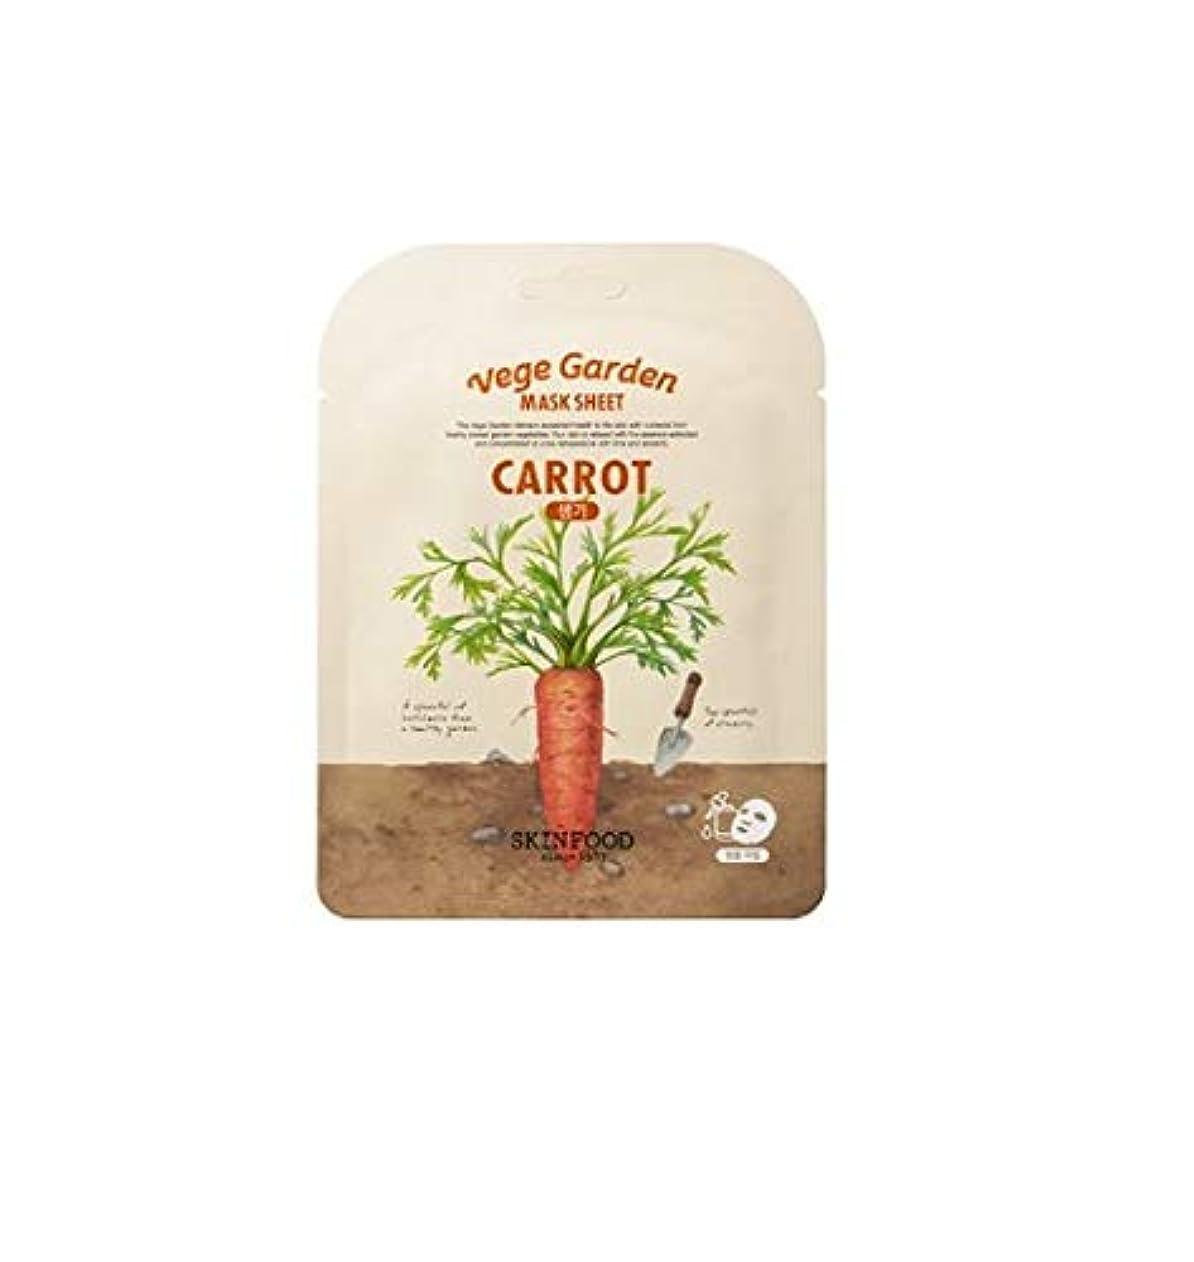 優しい代数的離婚Skinfood ベジガーデンマスクシート#キャロット* 10ea / Vege Garden Mask Sheet #carrot *10ea 20ml*10 [並行輸入品]